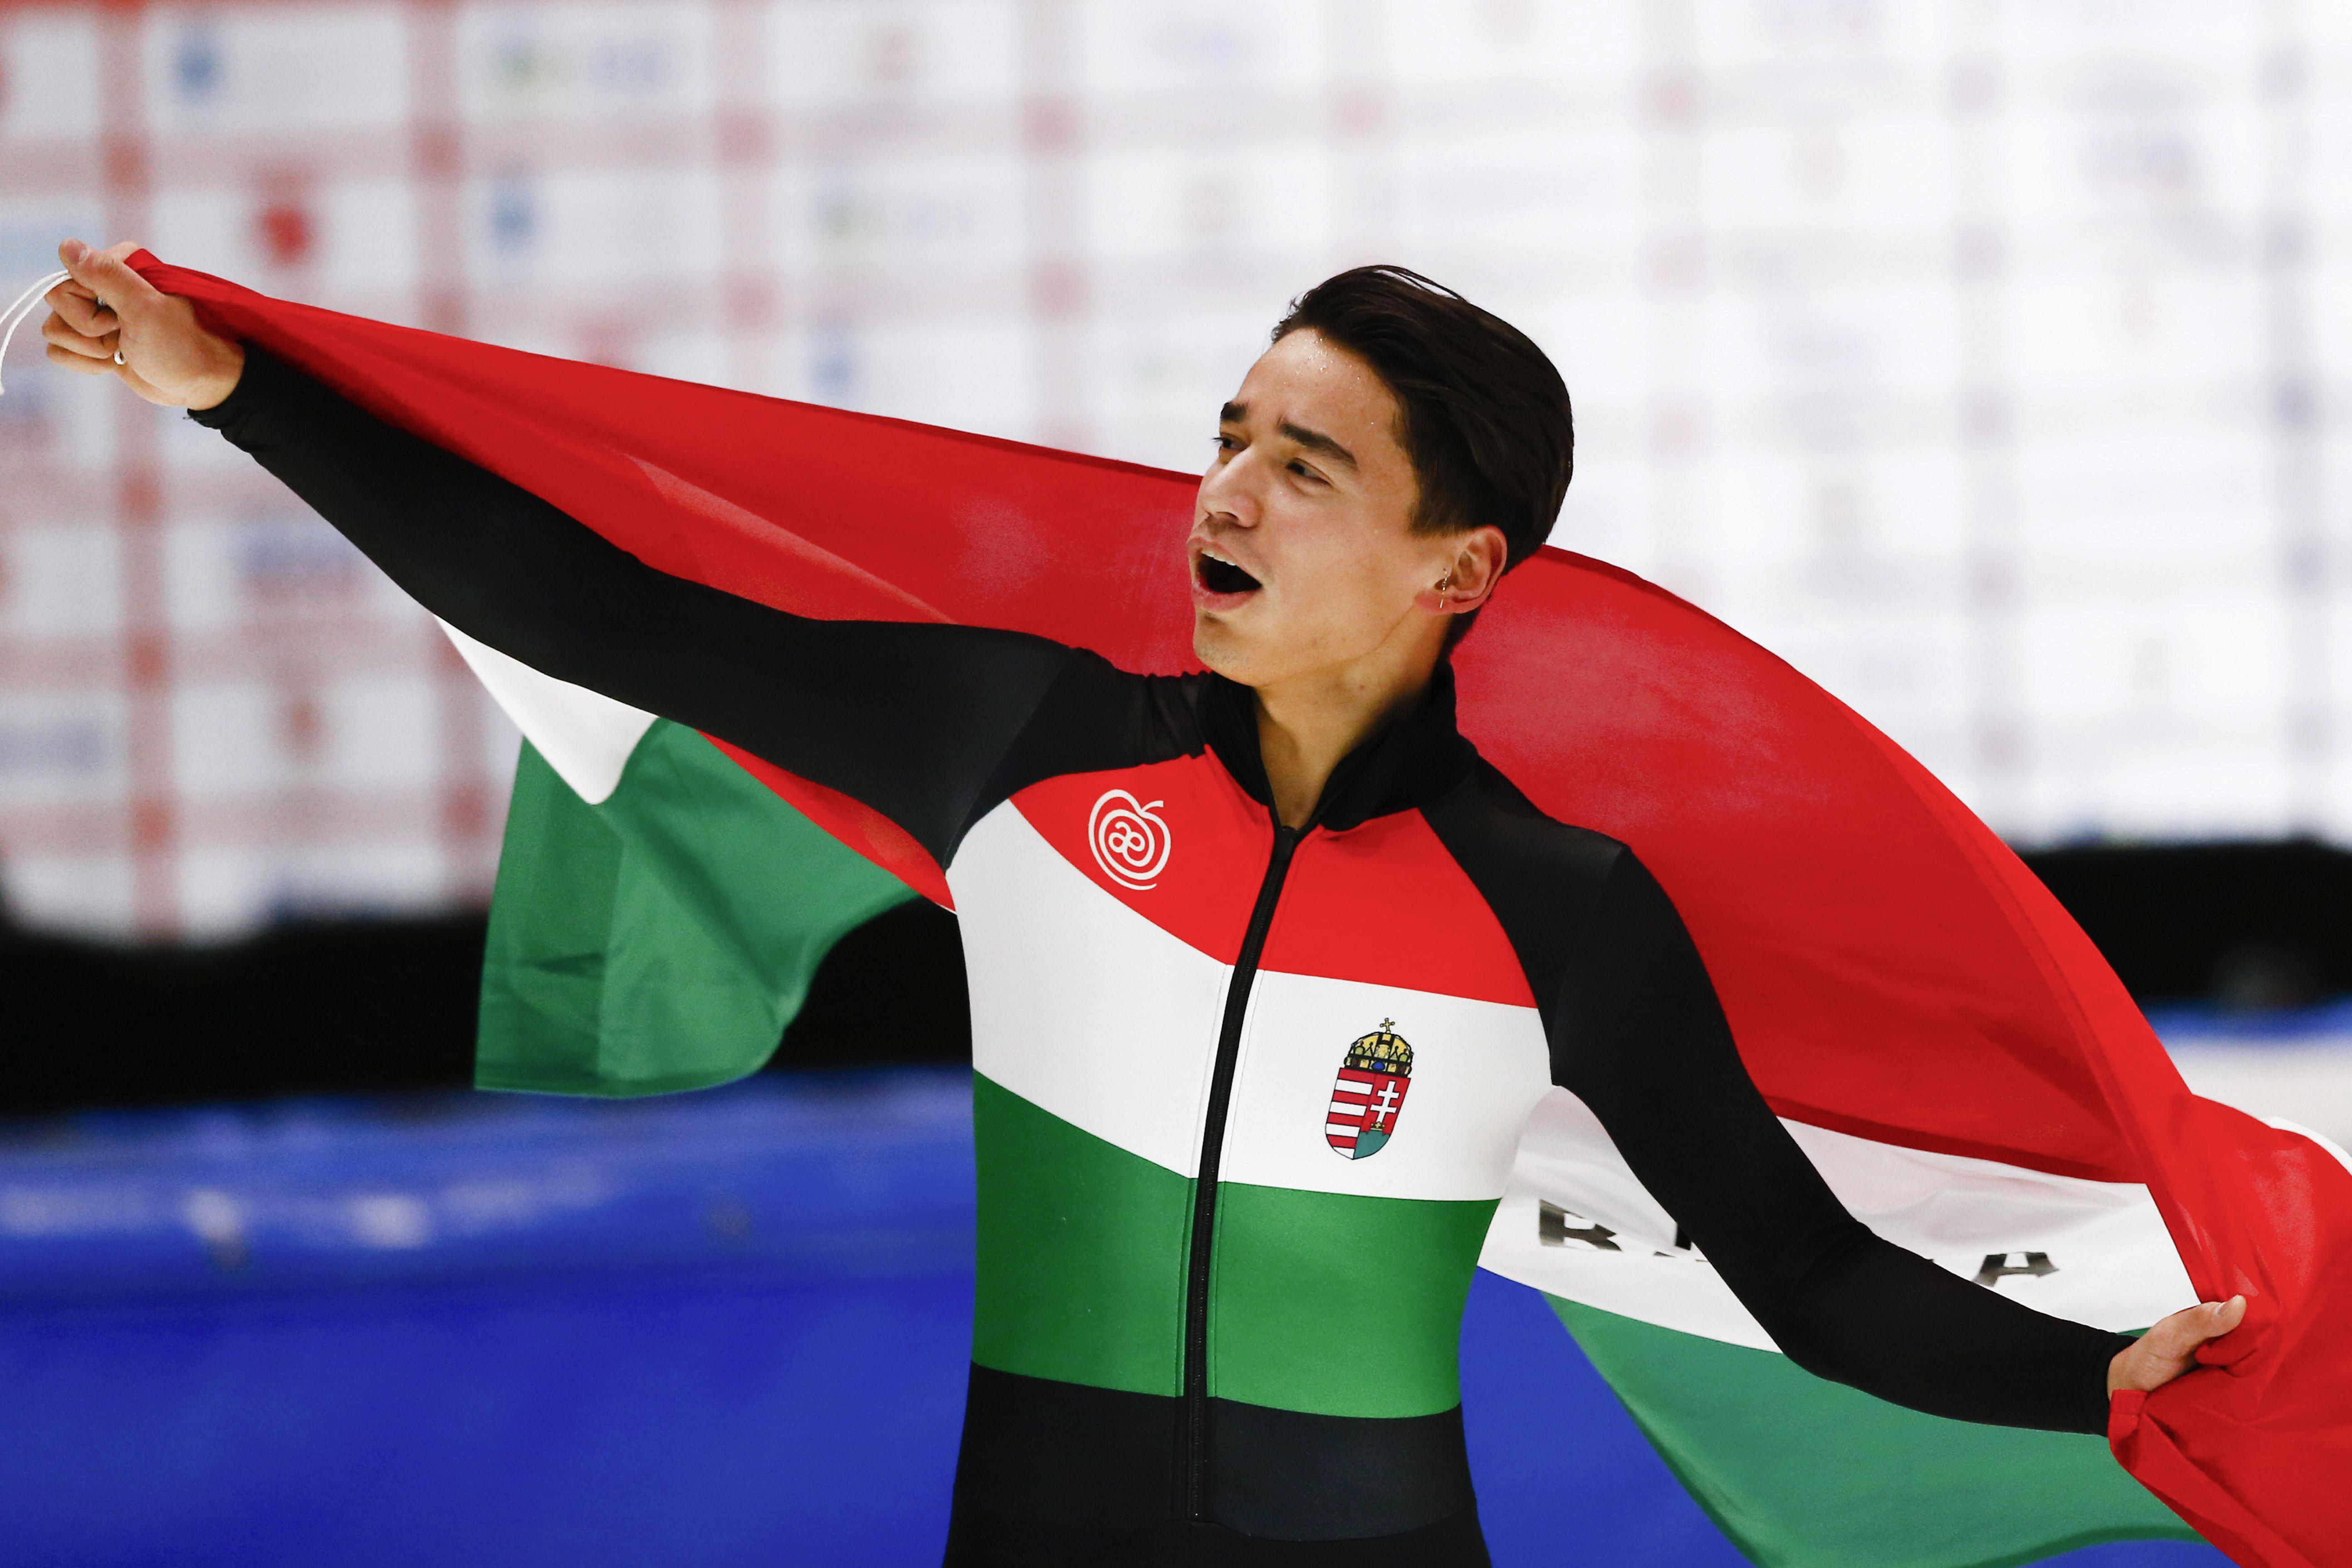 Shaolin Sándort kizárták az 1500 méteres versenyből, nem jutott a döntőbe